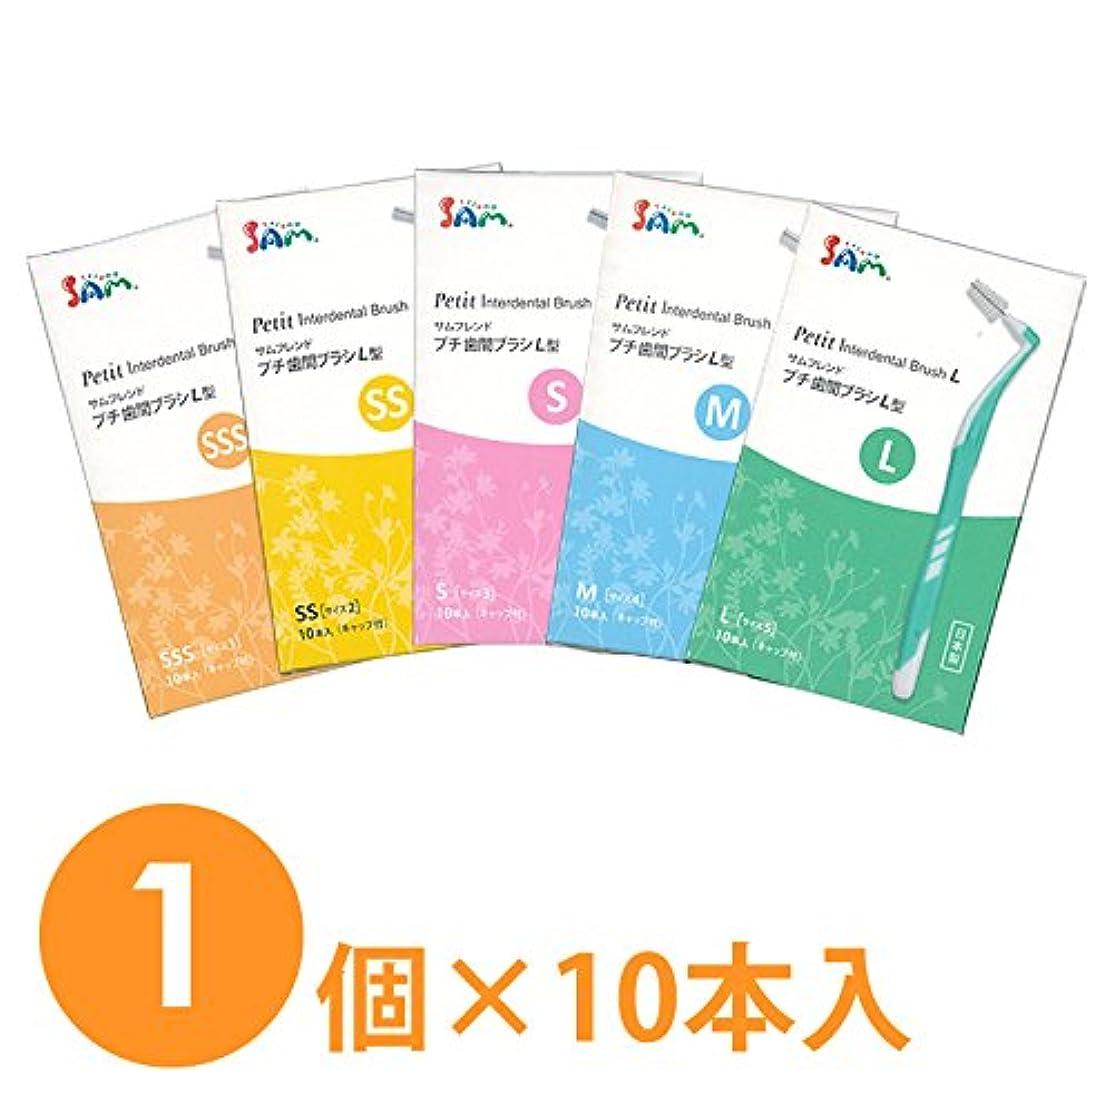 命題保全不毛【1個】サンデンタル サムフレンド プチ歯間ブラシL型 10本入り (S(3)ピンク)